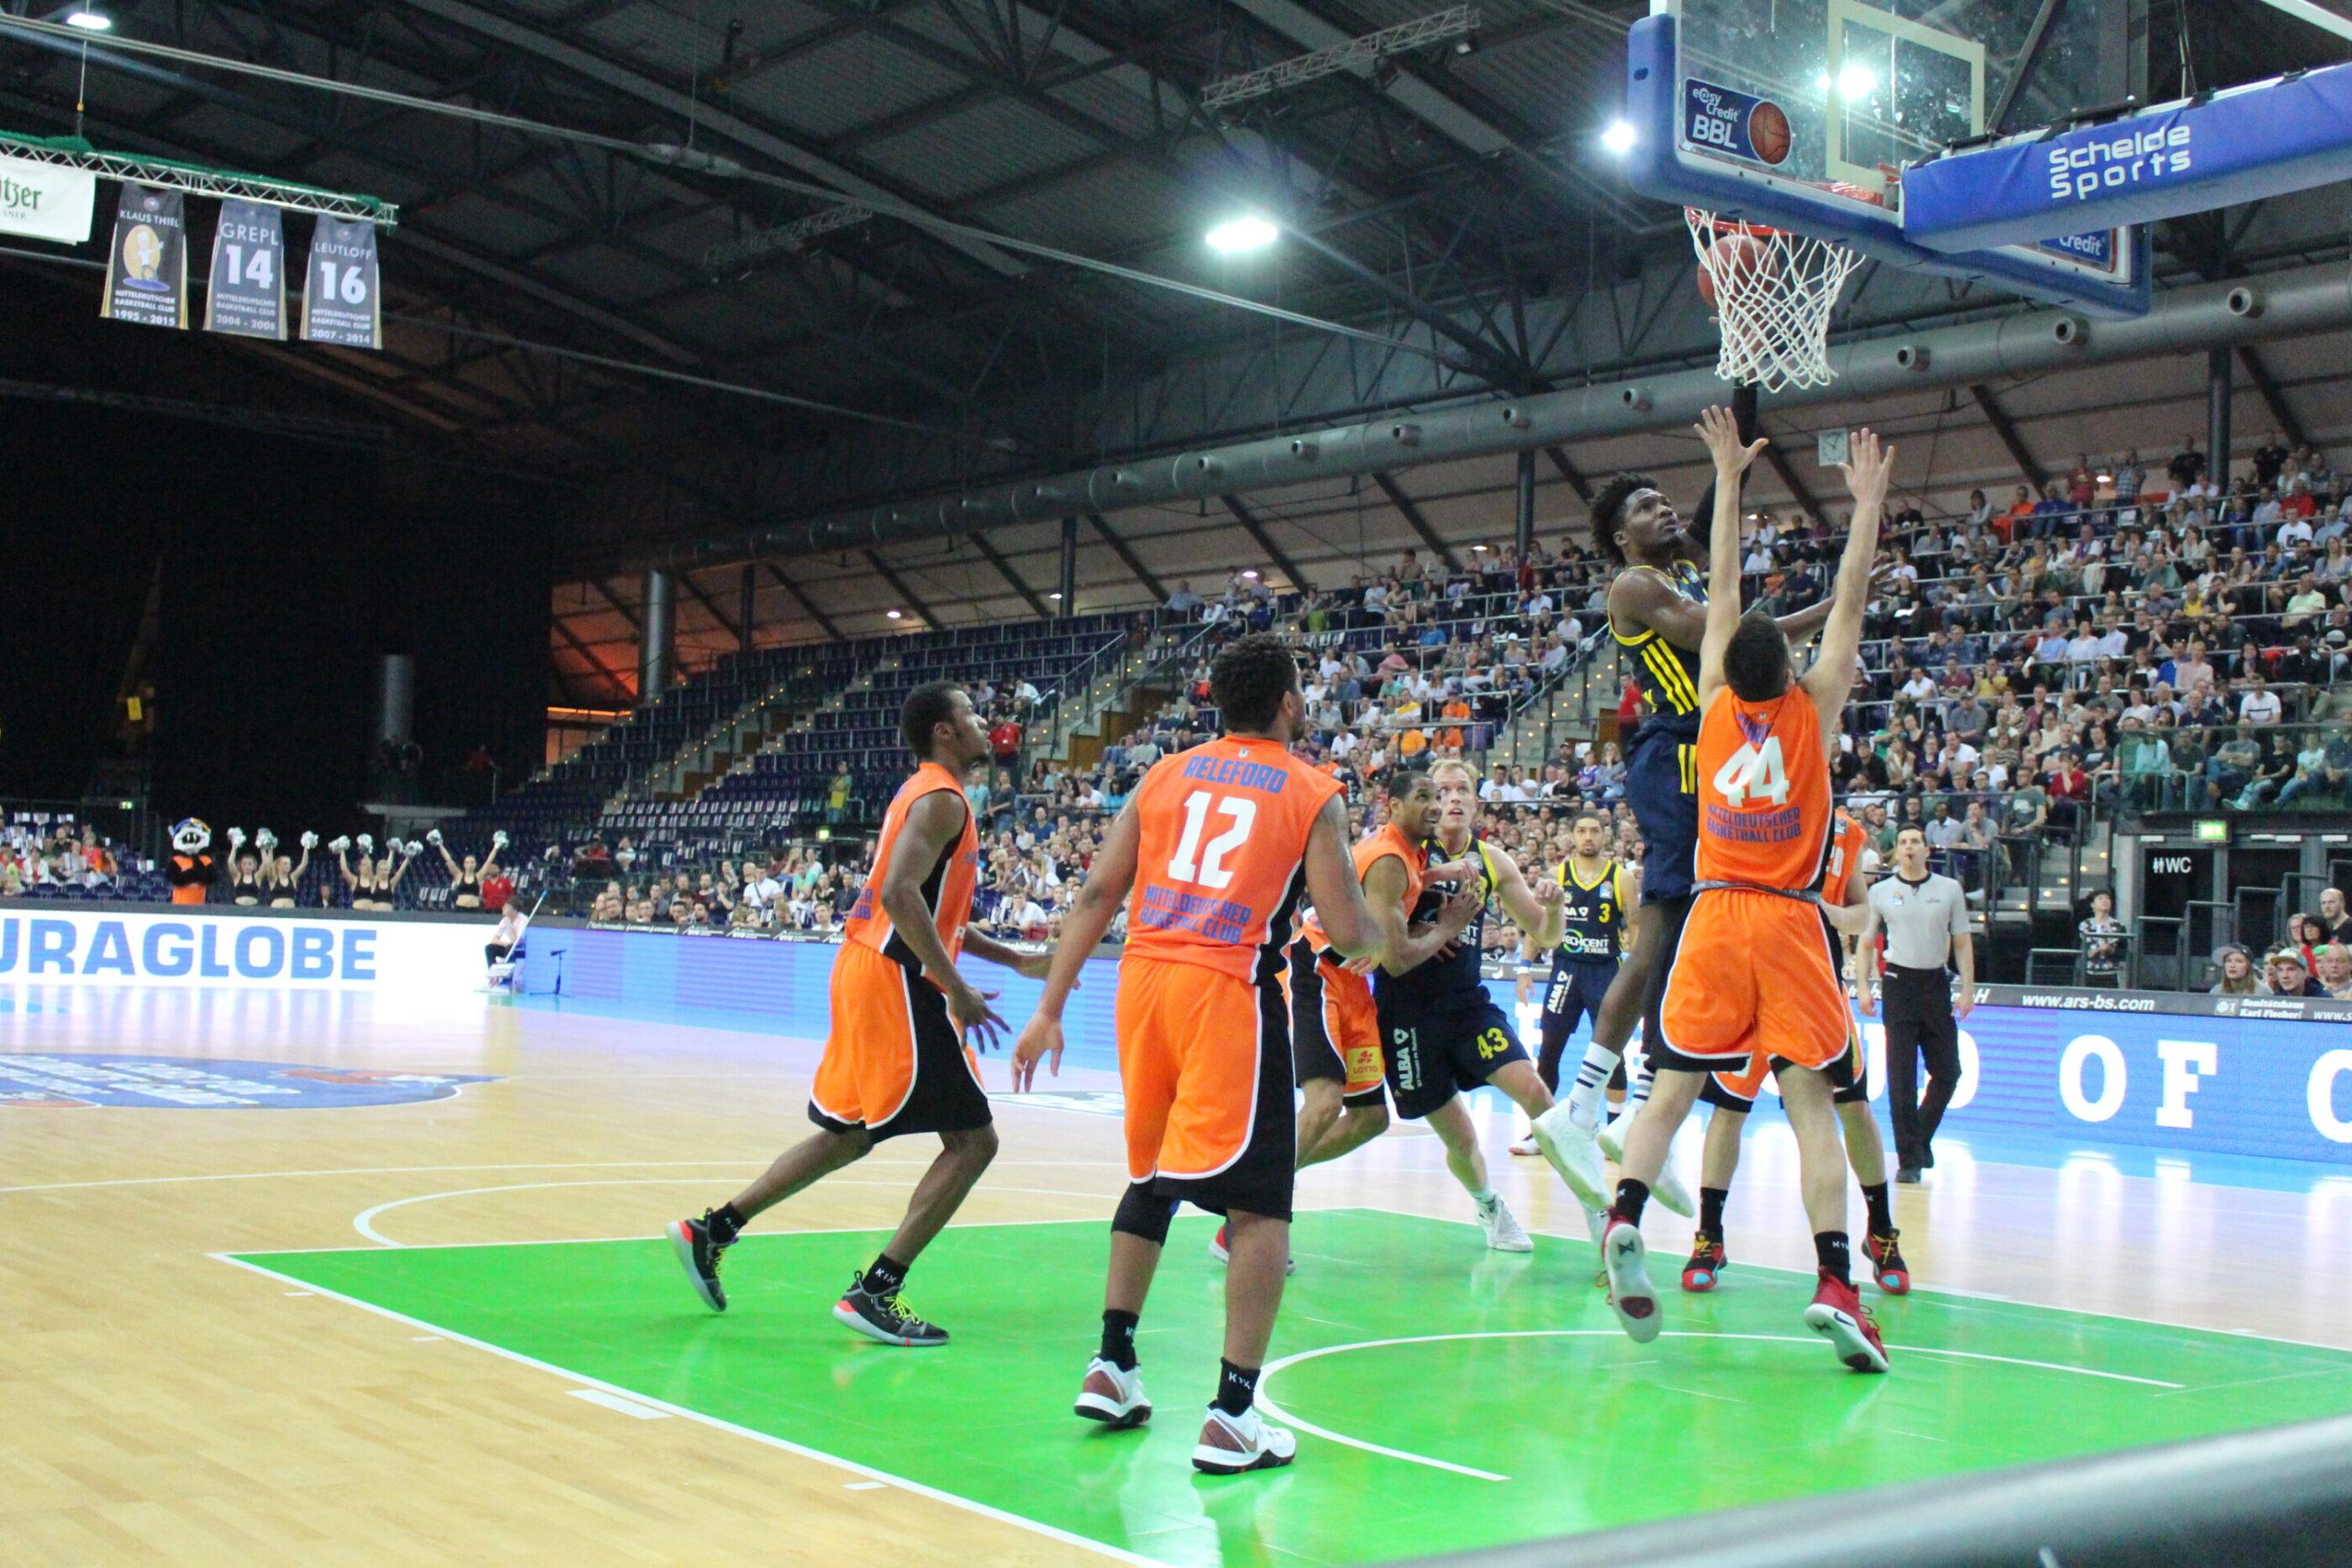 Ein Basketball-Spiel in der Arena Leipzig zwischen dem Mitteldeutschen Basketballclub und Alba Berlin. Ein Berliner Spieler steigt zum Korb hoch und legt den Ball in die Reuse. Alle anderen Spieler springen vergeblich, um ihn vom Netz fernzuhalten.